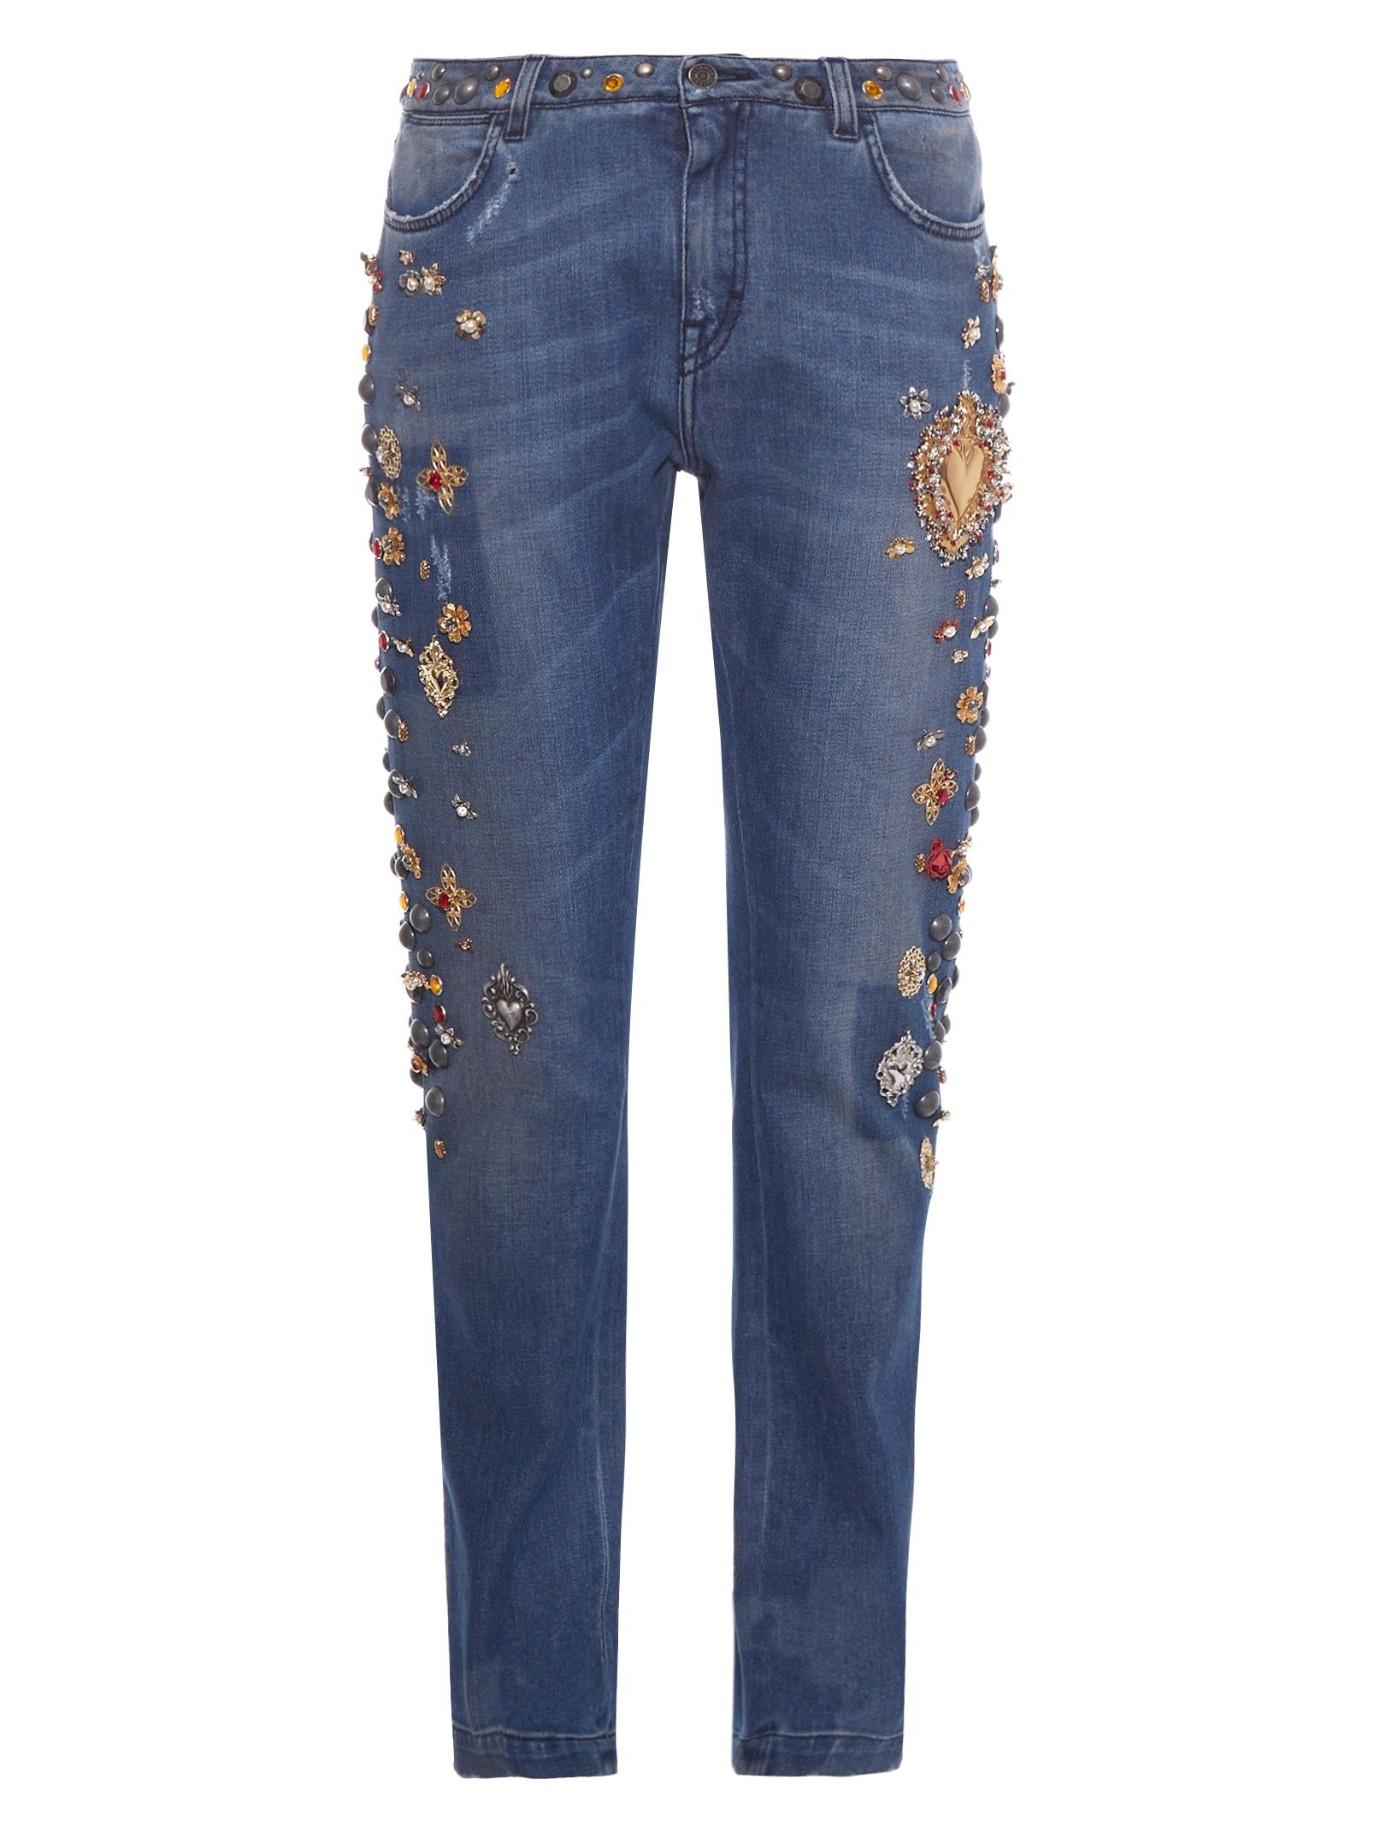 lyst dolce gabbana embellished boyfriend jeans in blue. Black Bedroom Furniture Sets. Home Design Ideas